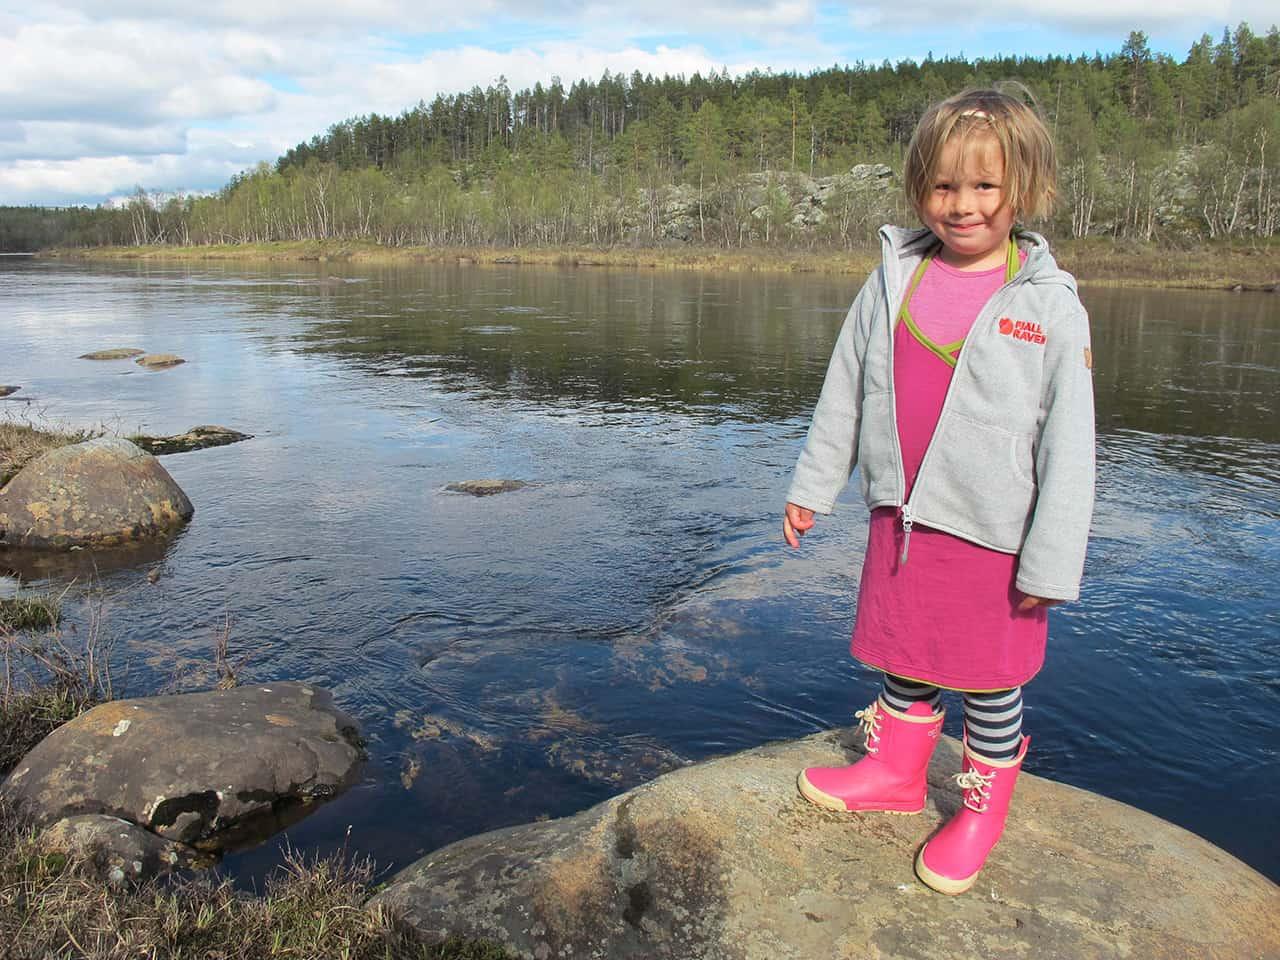 Hyggelig dag, Far og datter i Vildmarken, 45 dage i kano, Finland, Karen ved floden